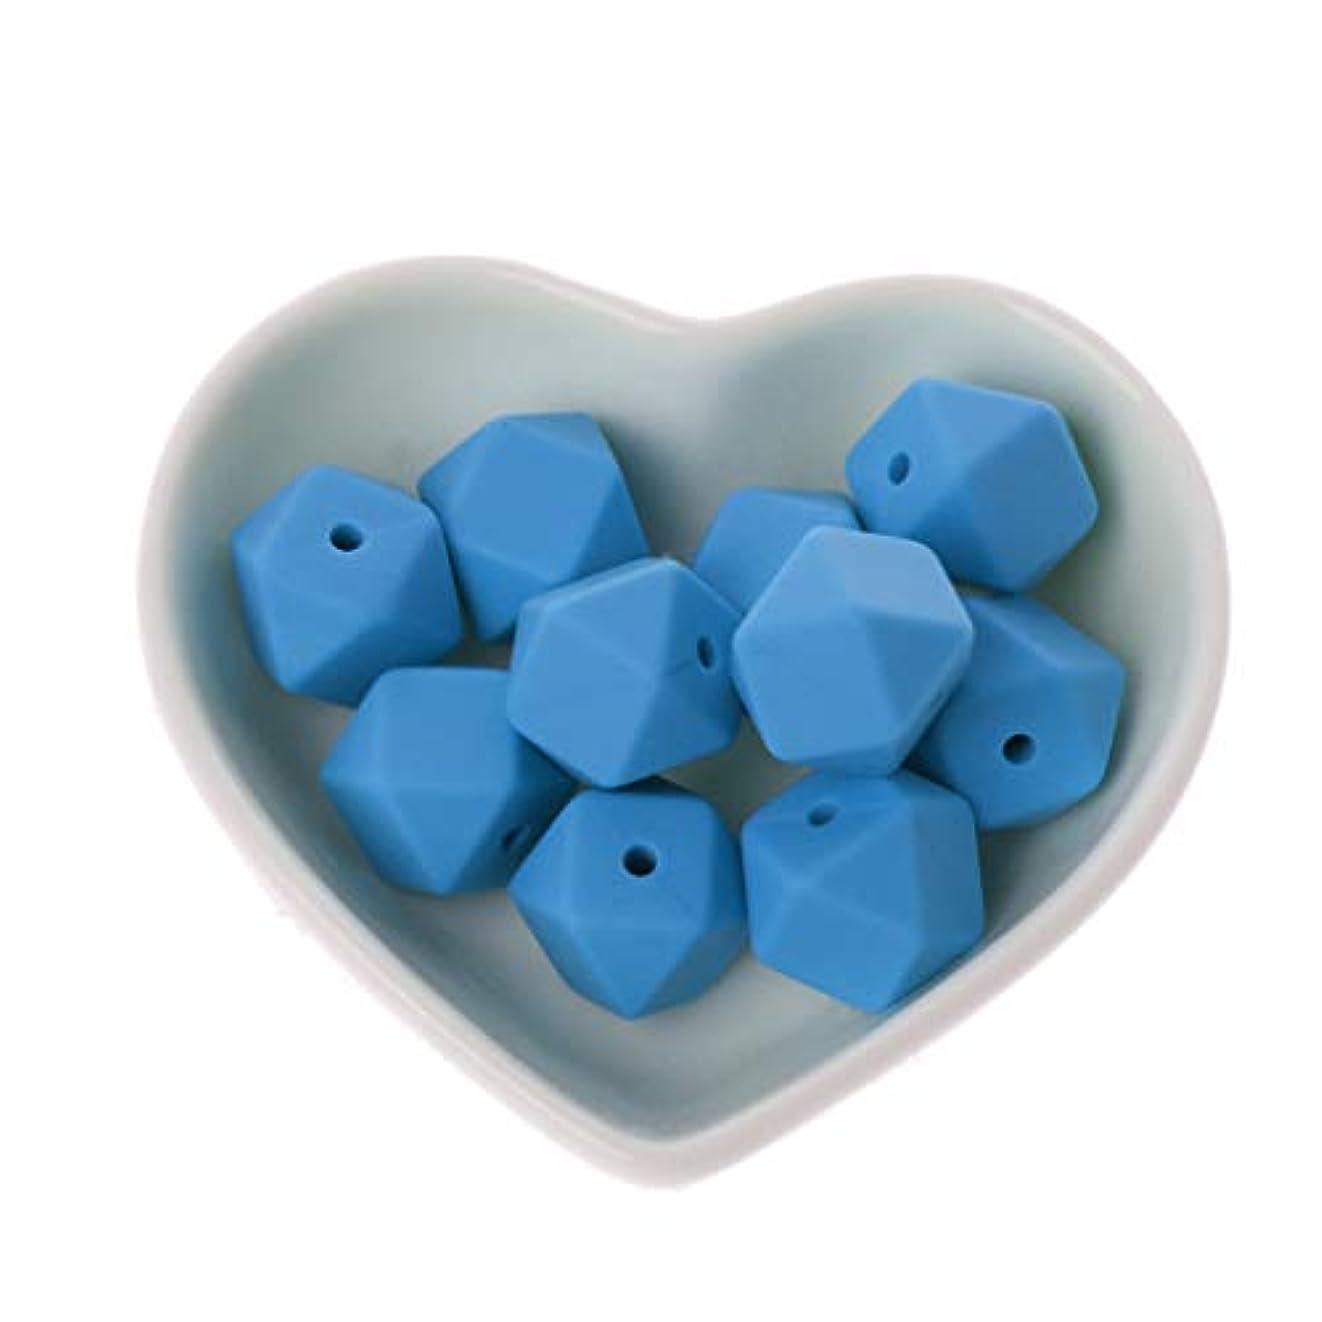 位置づけるプレート要求するLanddum 10個シリコーンビーズ14ミリメートル多角形シリコーンビーズ赤ちゃんのおもちゃdiyおしゃぶりチェーンアクセサリー - ベイビーブルー